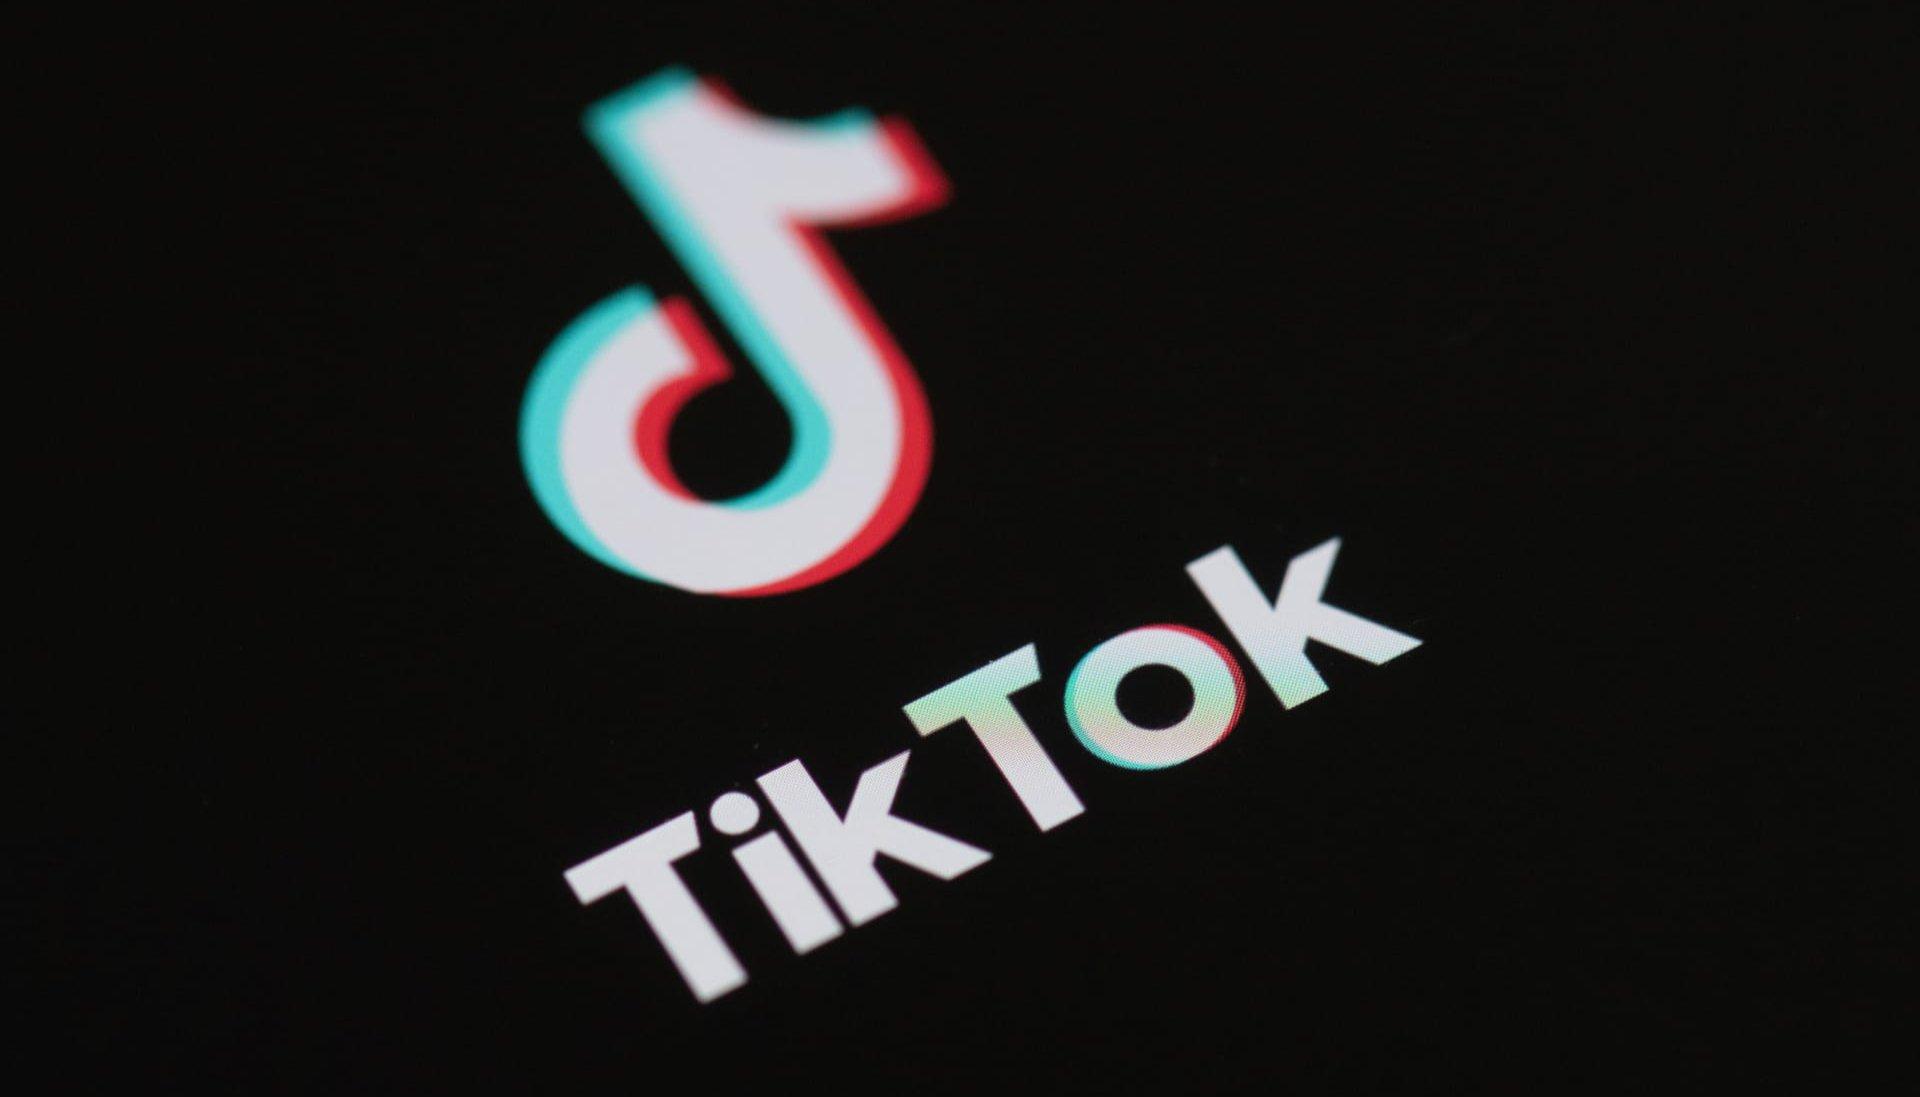 دعم حسابك تيك توك